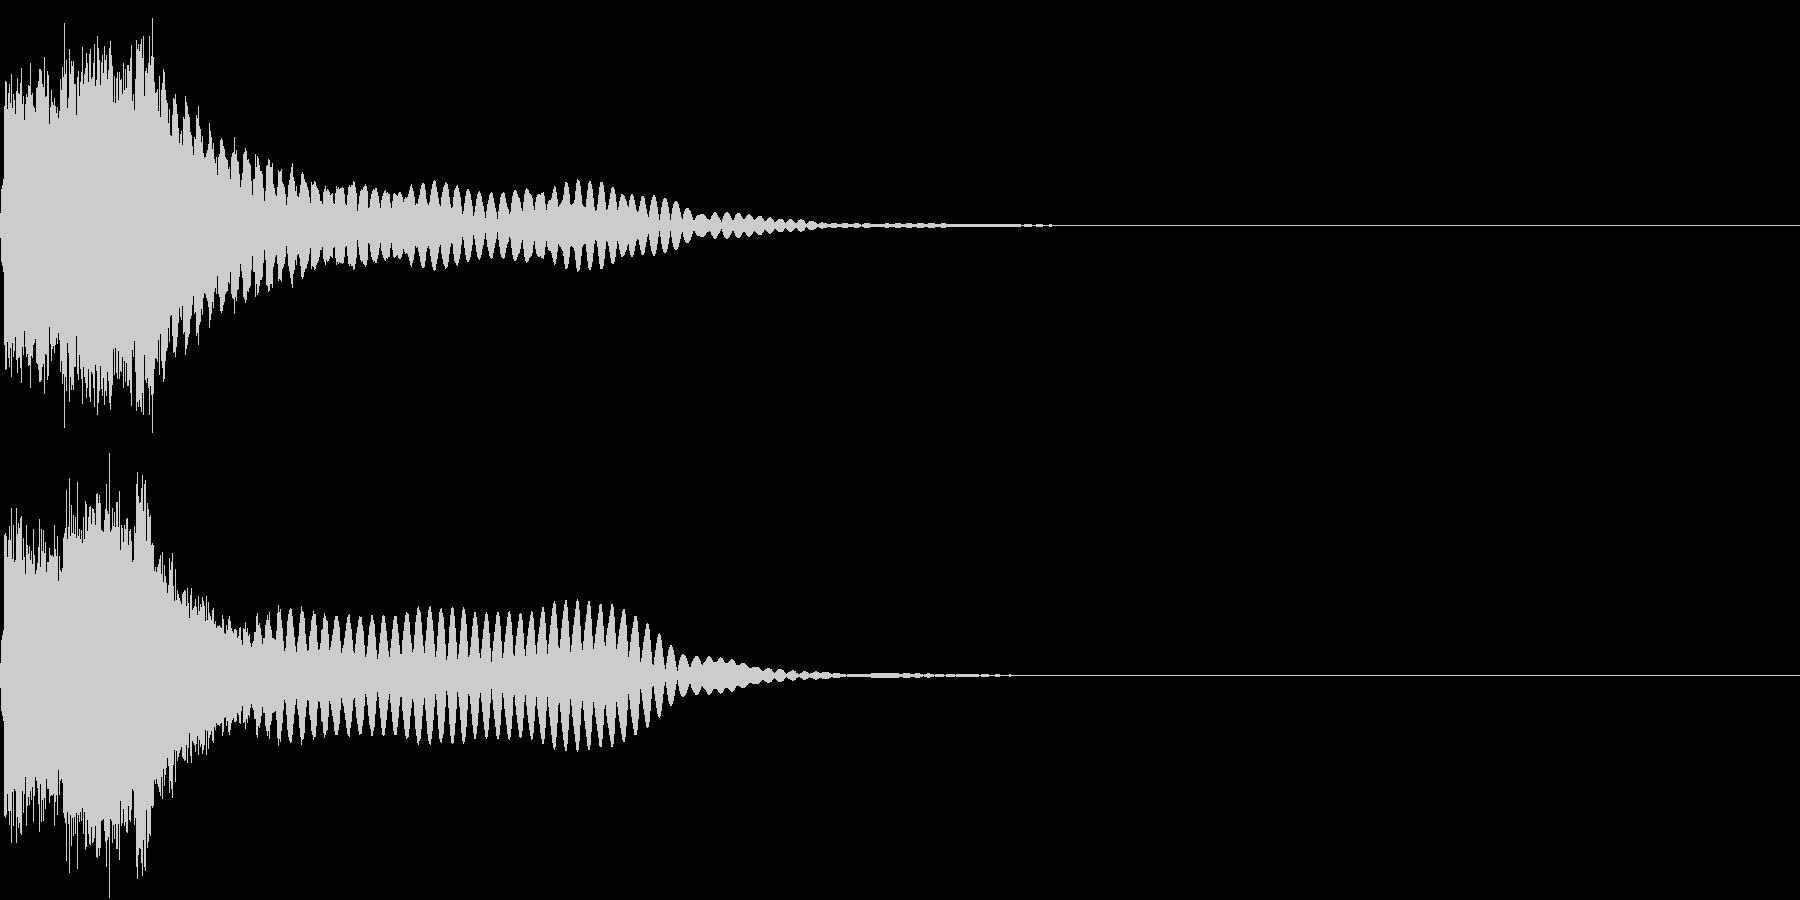 刀 キーン 剣 リアル インパクト Kの未再生の波形